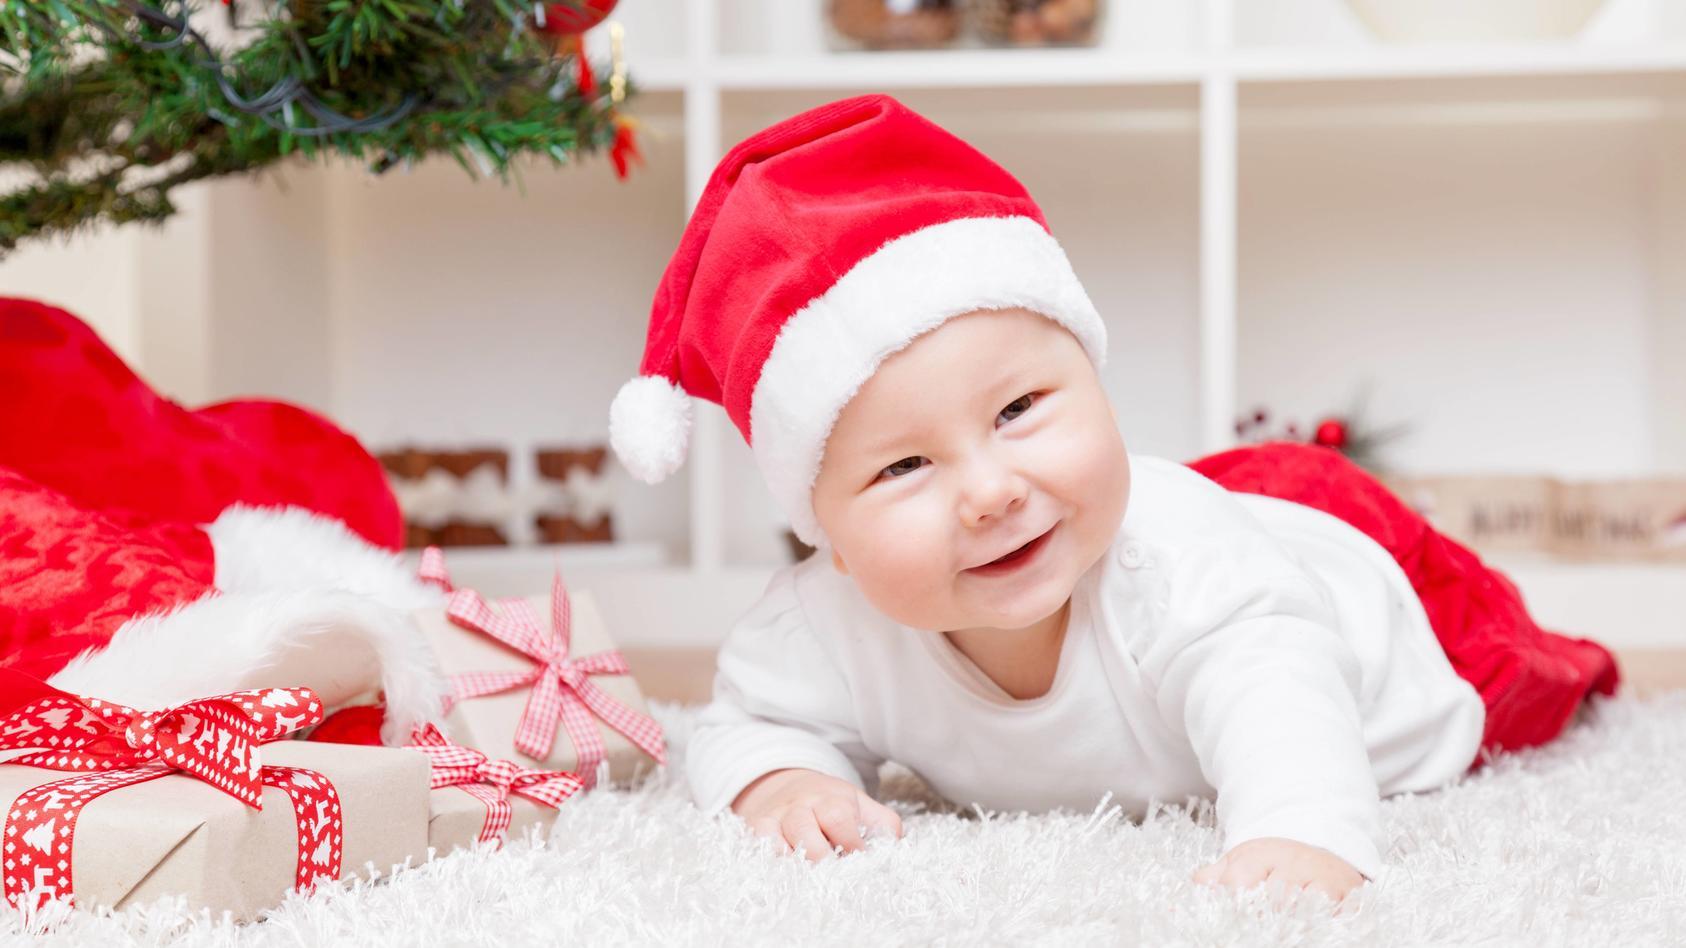 Das erste Weihnachten mit dem Baby ist etwas ganz besonderes: Wir verraten, wie Sie die Feiertage mit dem Kleinkind am besten gestalten.